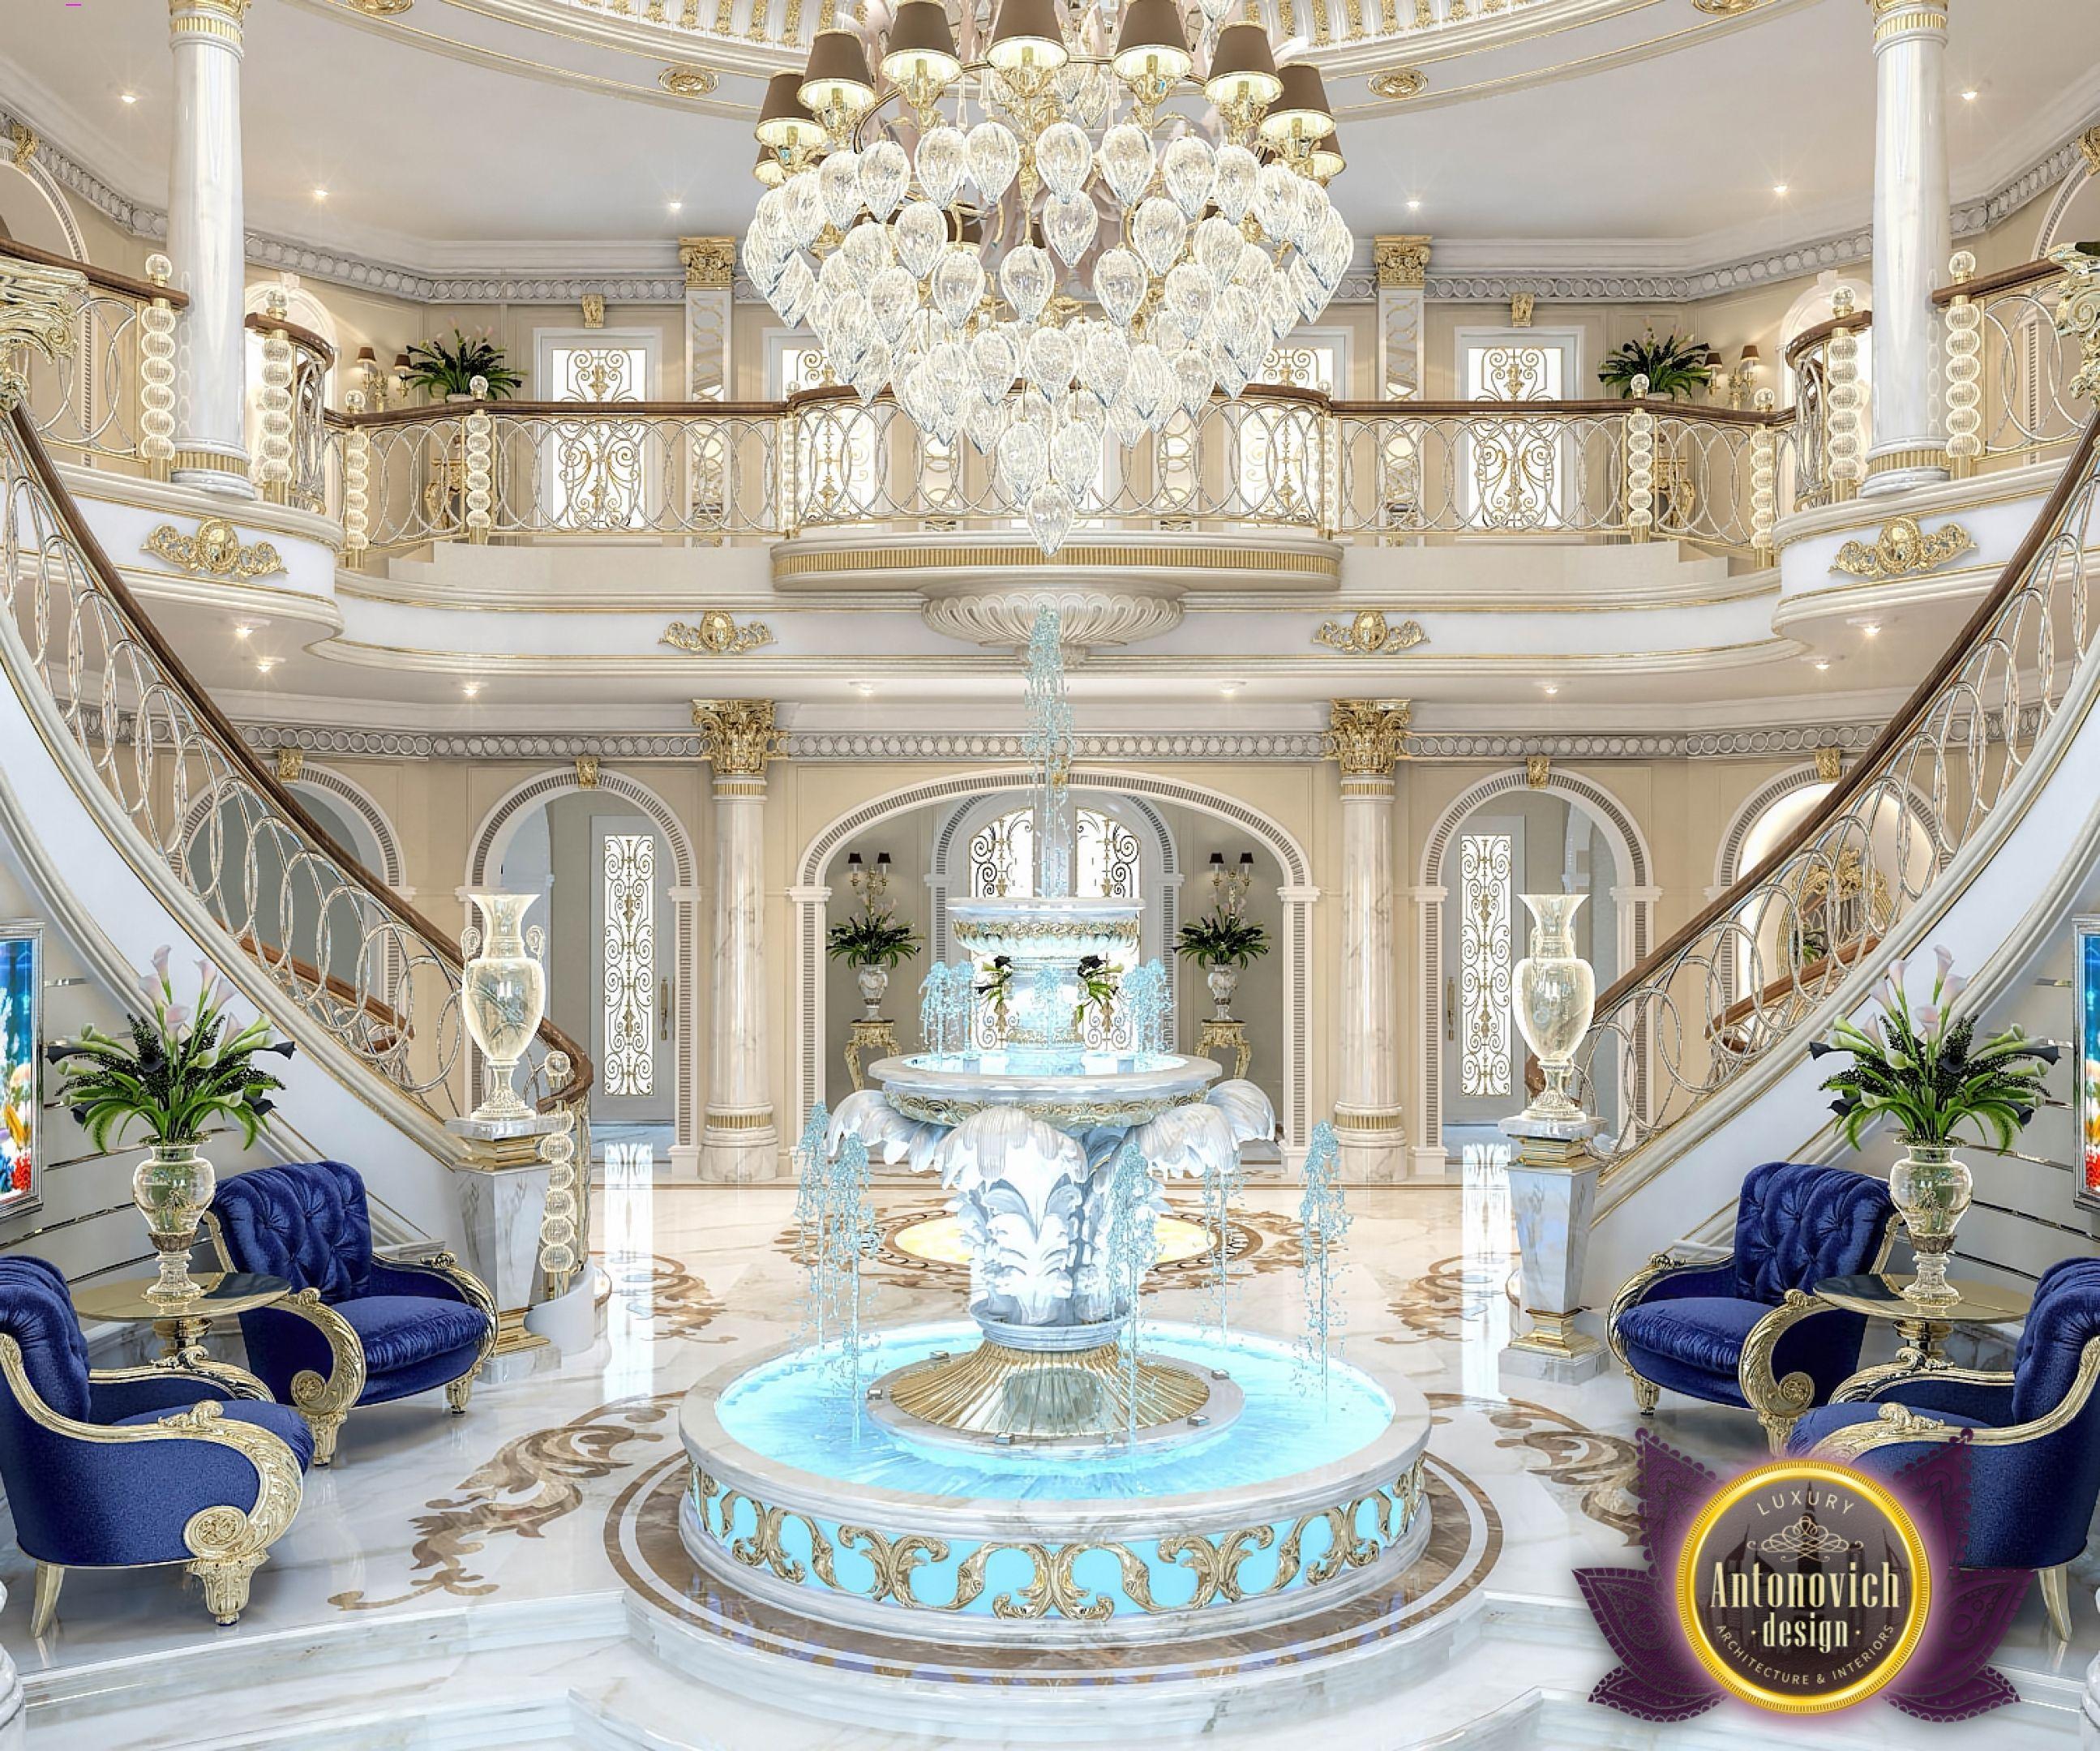 Katrina Antonovich Luxury Interior Design · Luxuriöse InneneinrichtungDeko Element  InnenbereichWohnzimmerentwürfeWohnzimmer IdeenWohnzimerGeorgianische ...